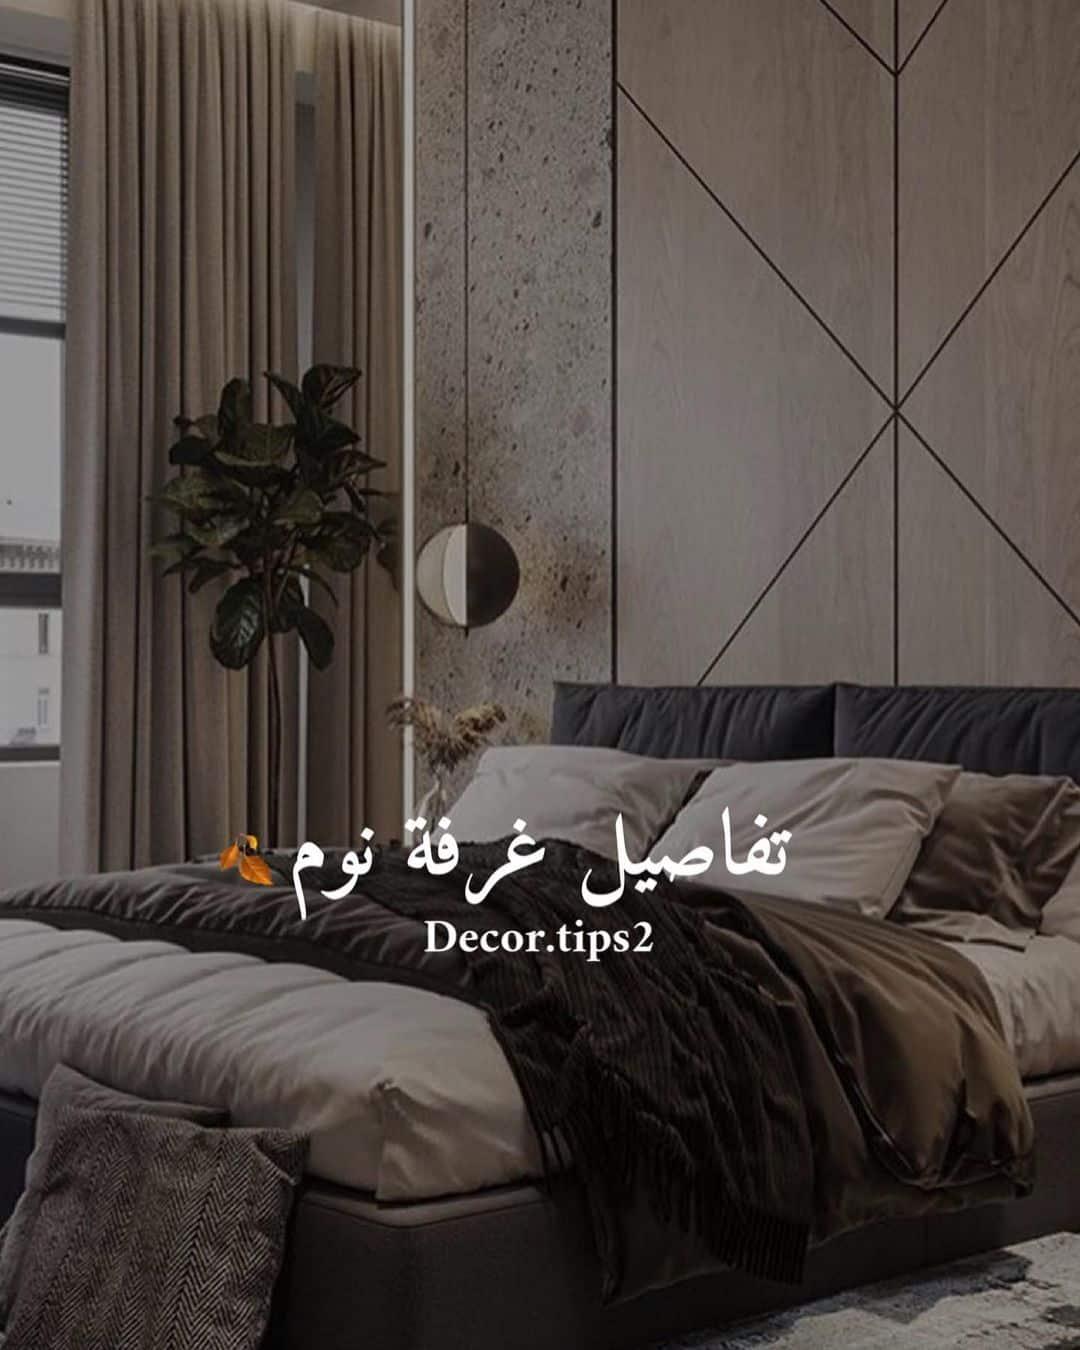 . تفاصيل غرفة نوم ماستر  جمميله بكل تفاصيلها رايكم يا أصحاب . .   . . .        …